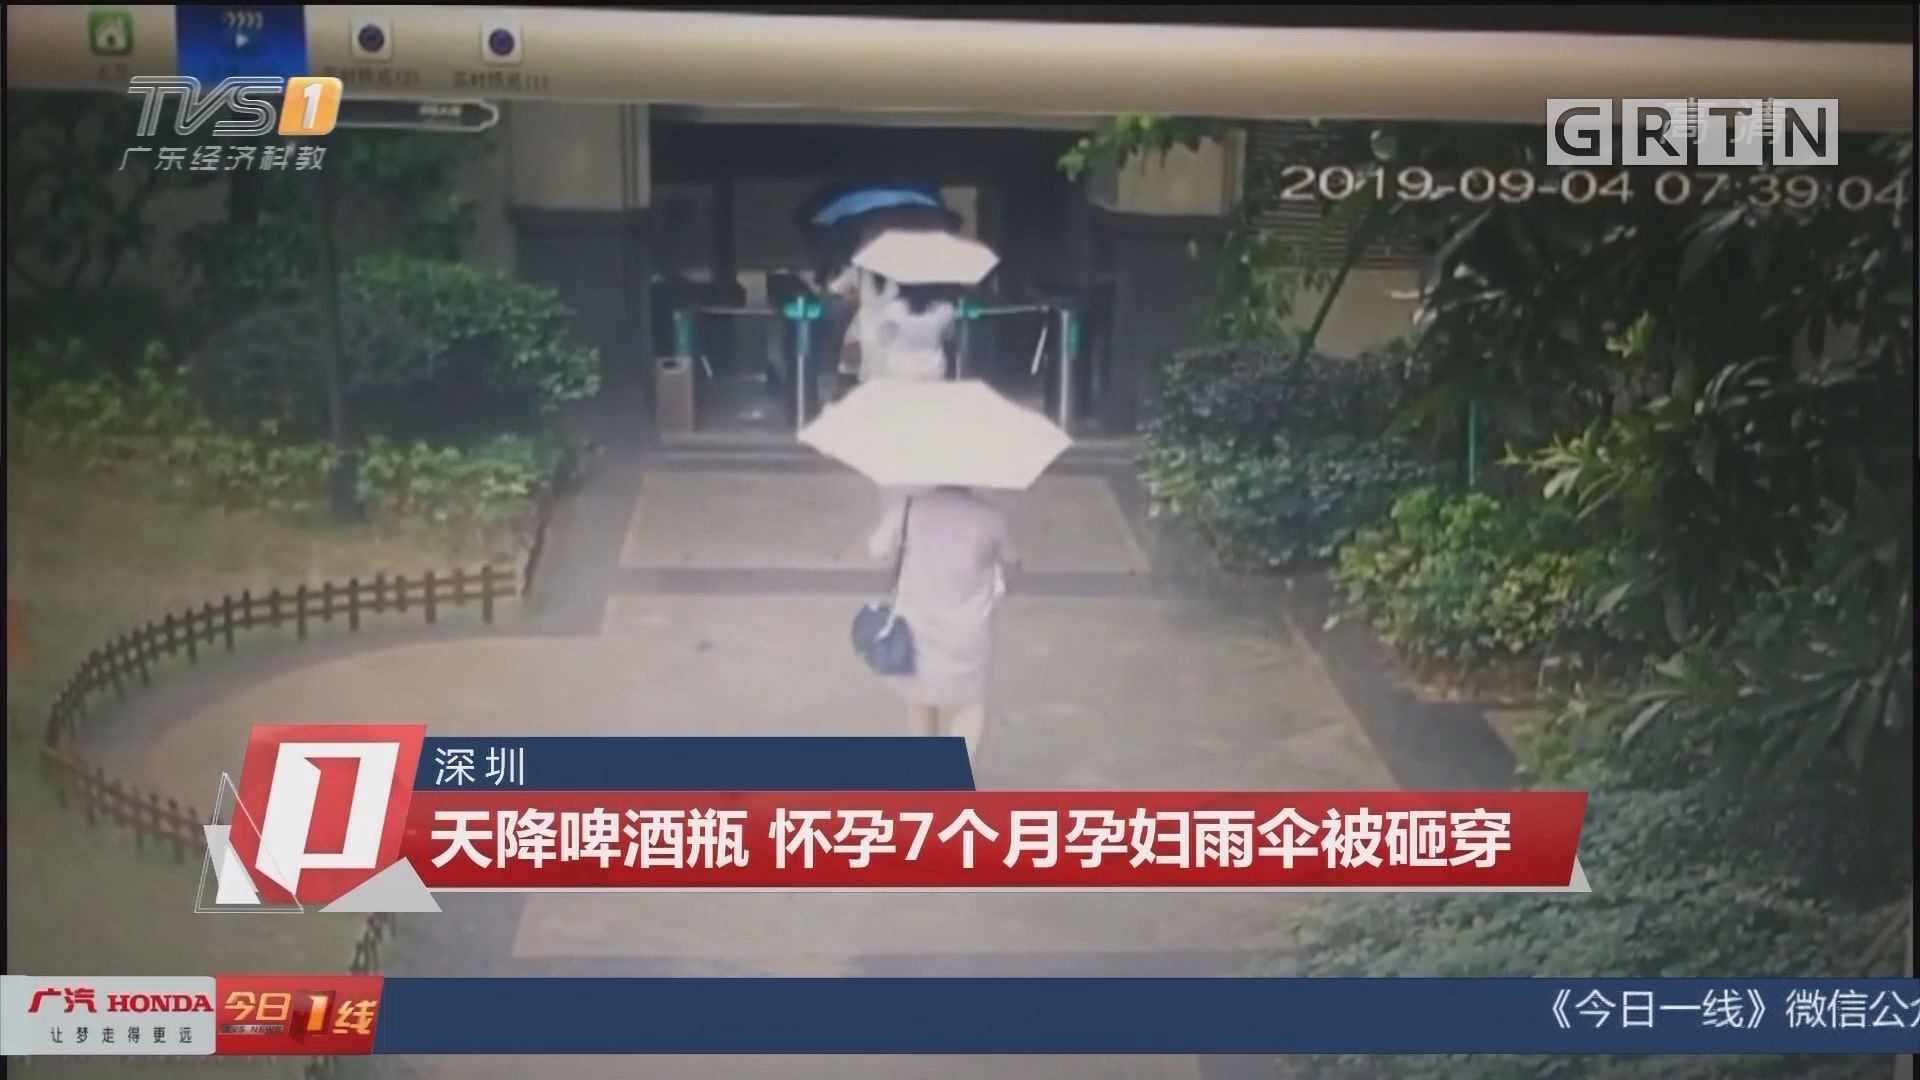 深圳:天降啤酒瓶 怀孕7个月孕妇雨伞被砸穿